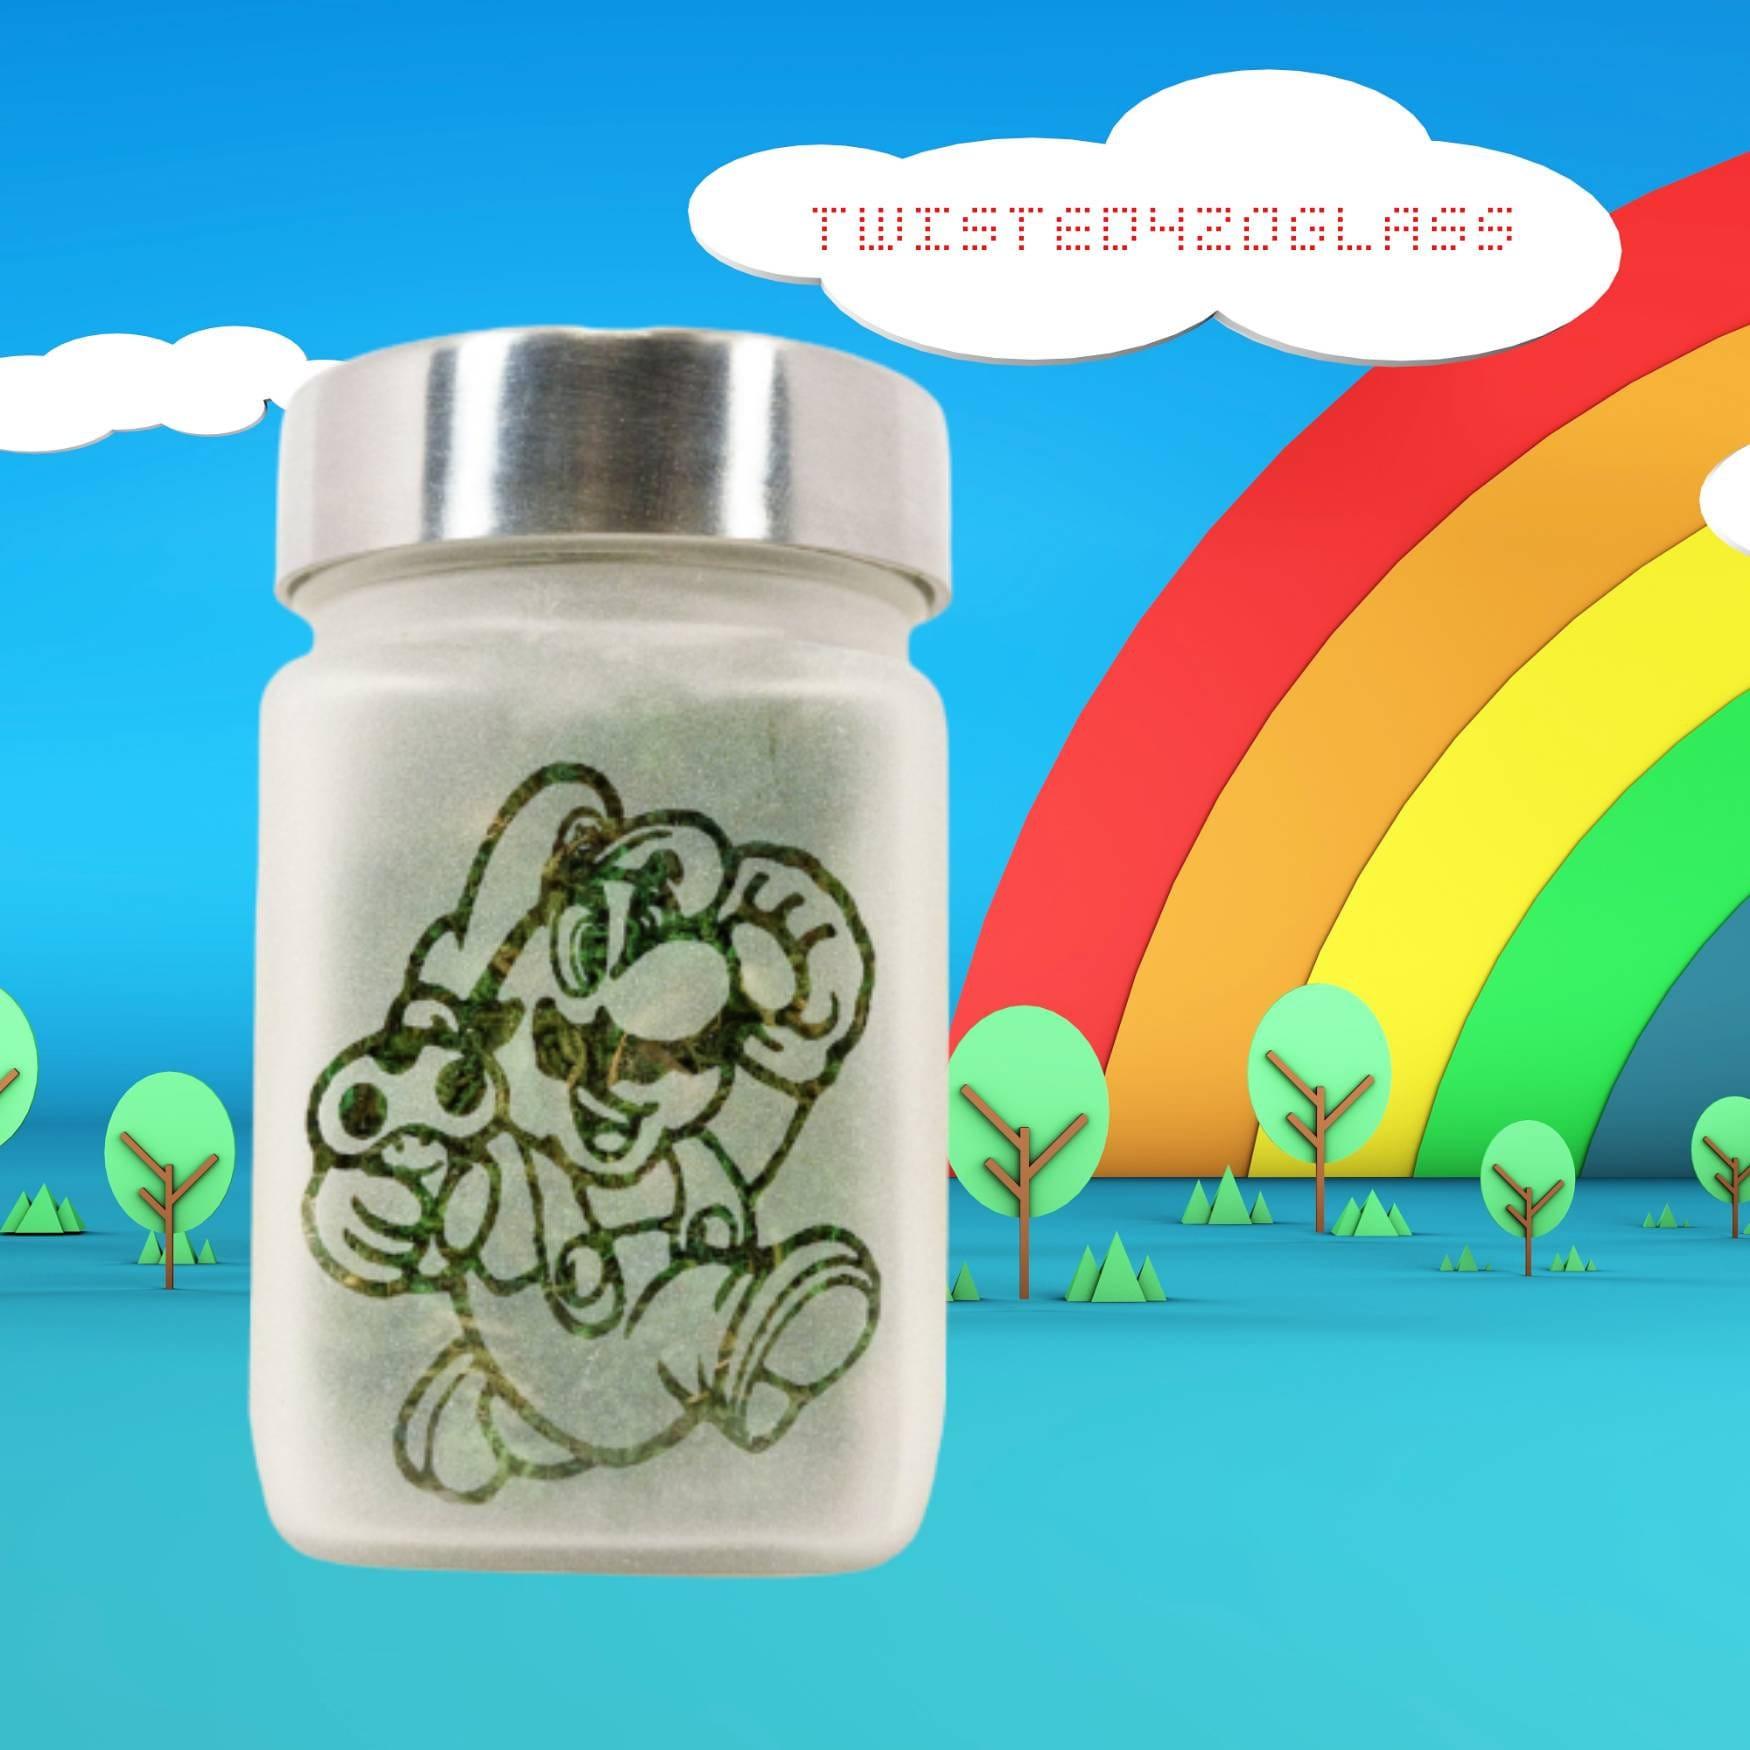 8bit Gamer Gifts Stash Jars Weed Gifts